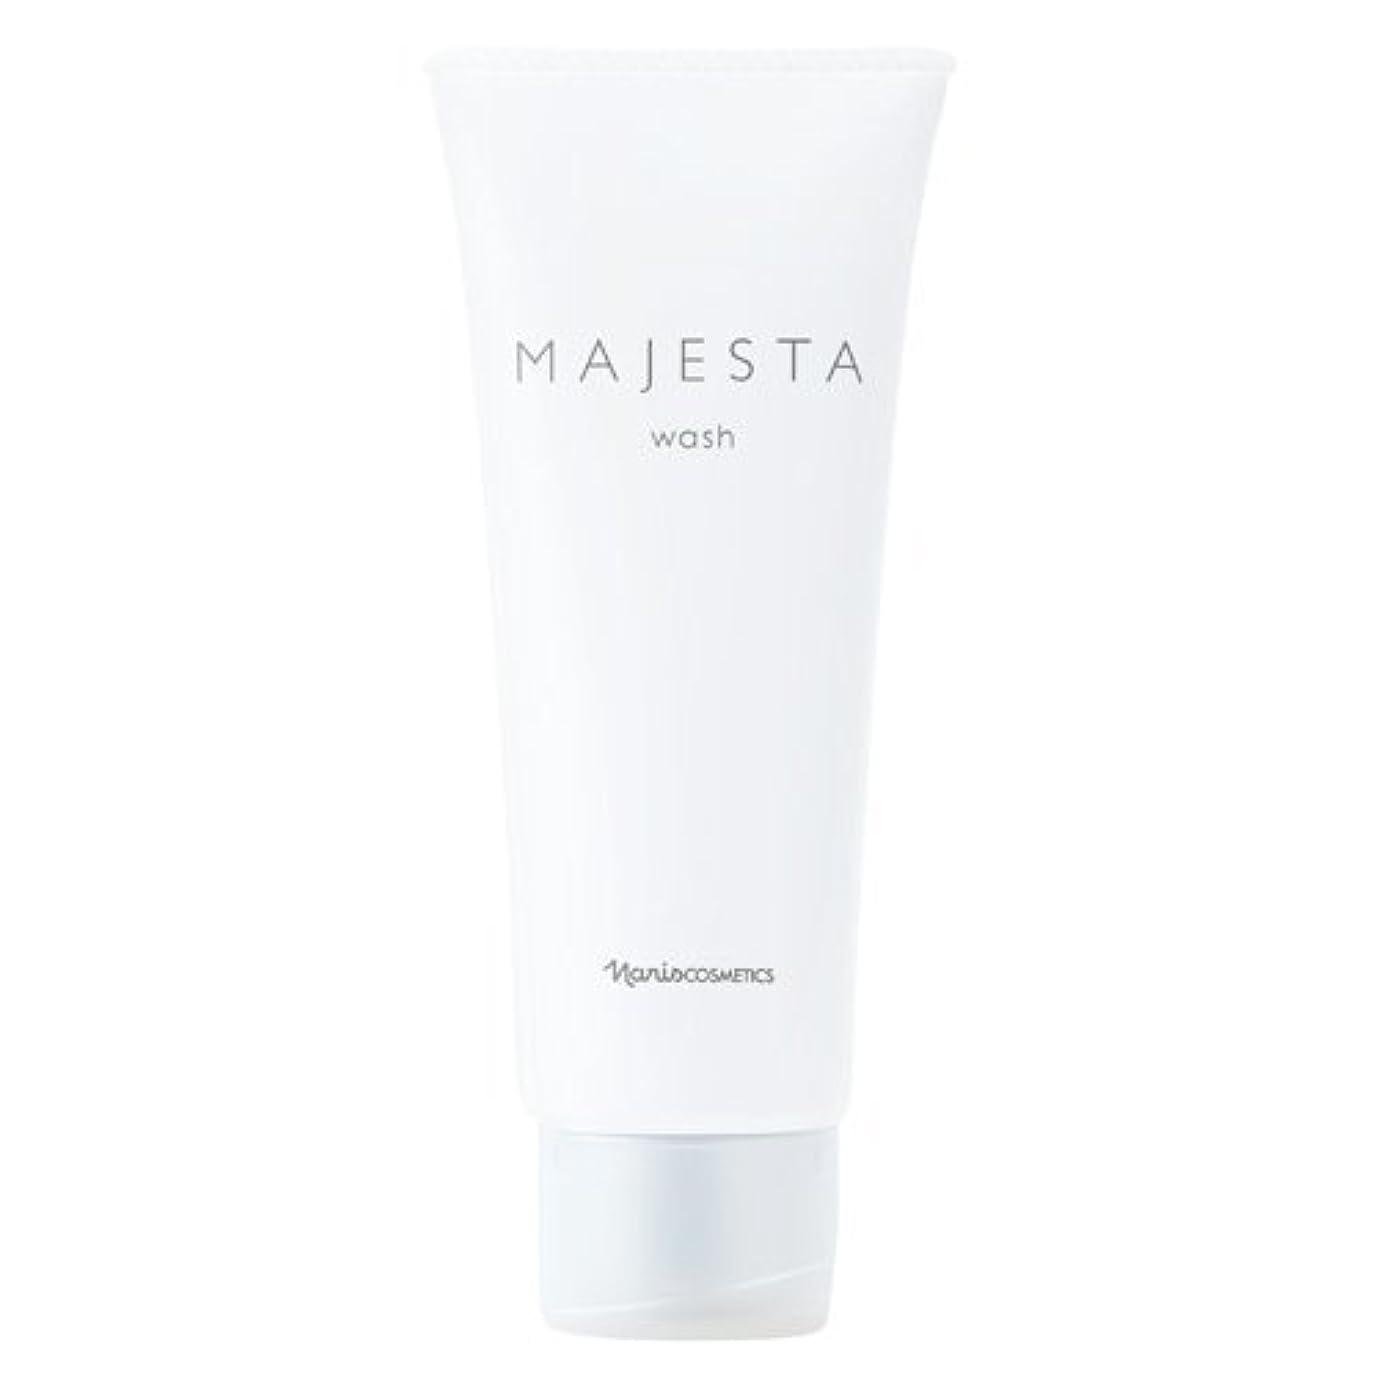 貧困ロープロマンチックナリス化粧品 マジェスタ ウォッシュ(洗顔料)100g